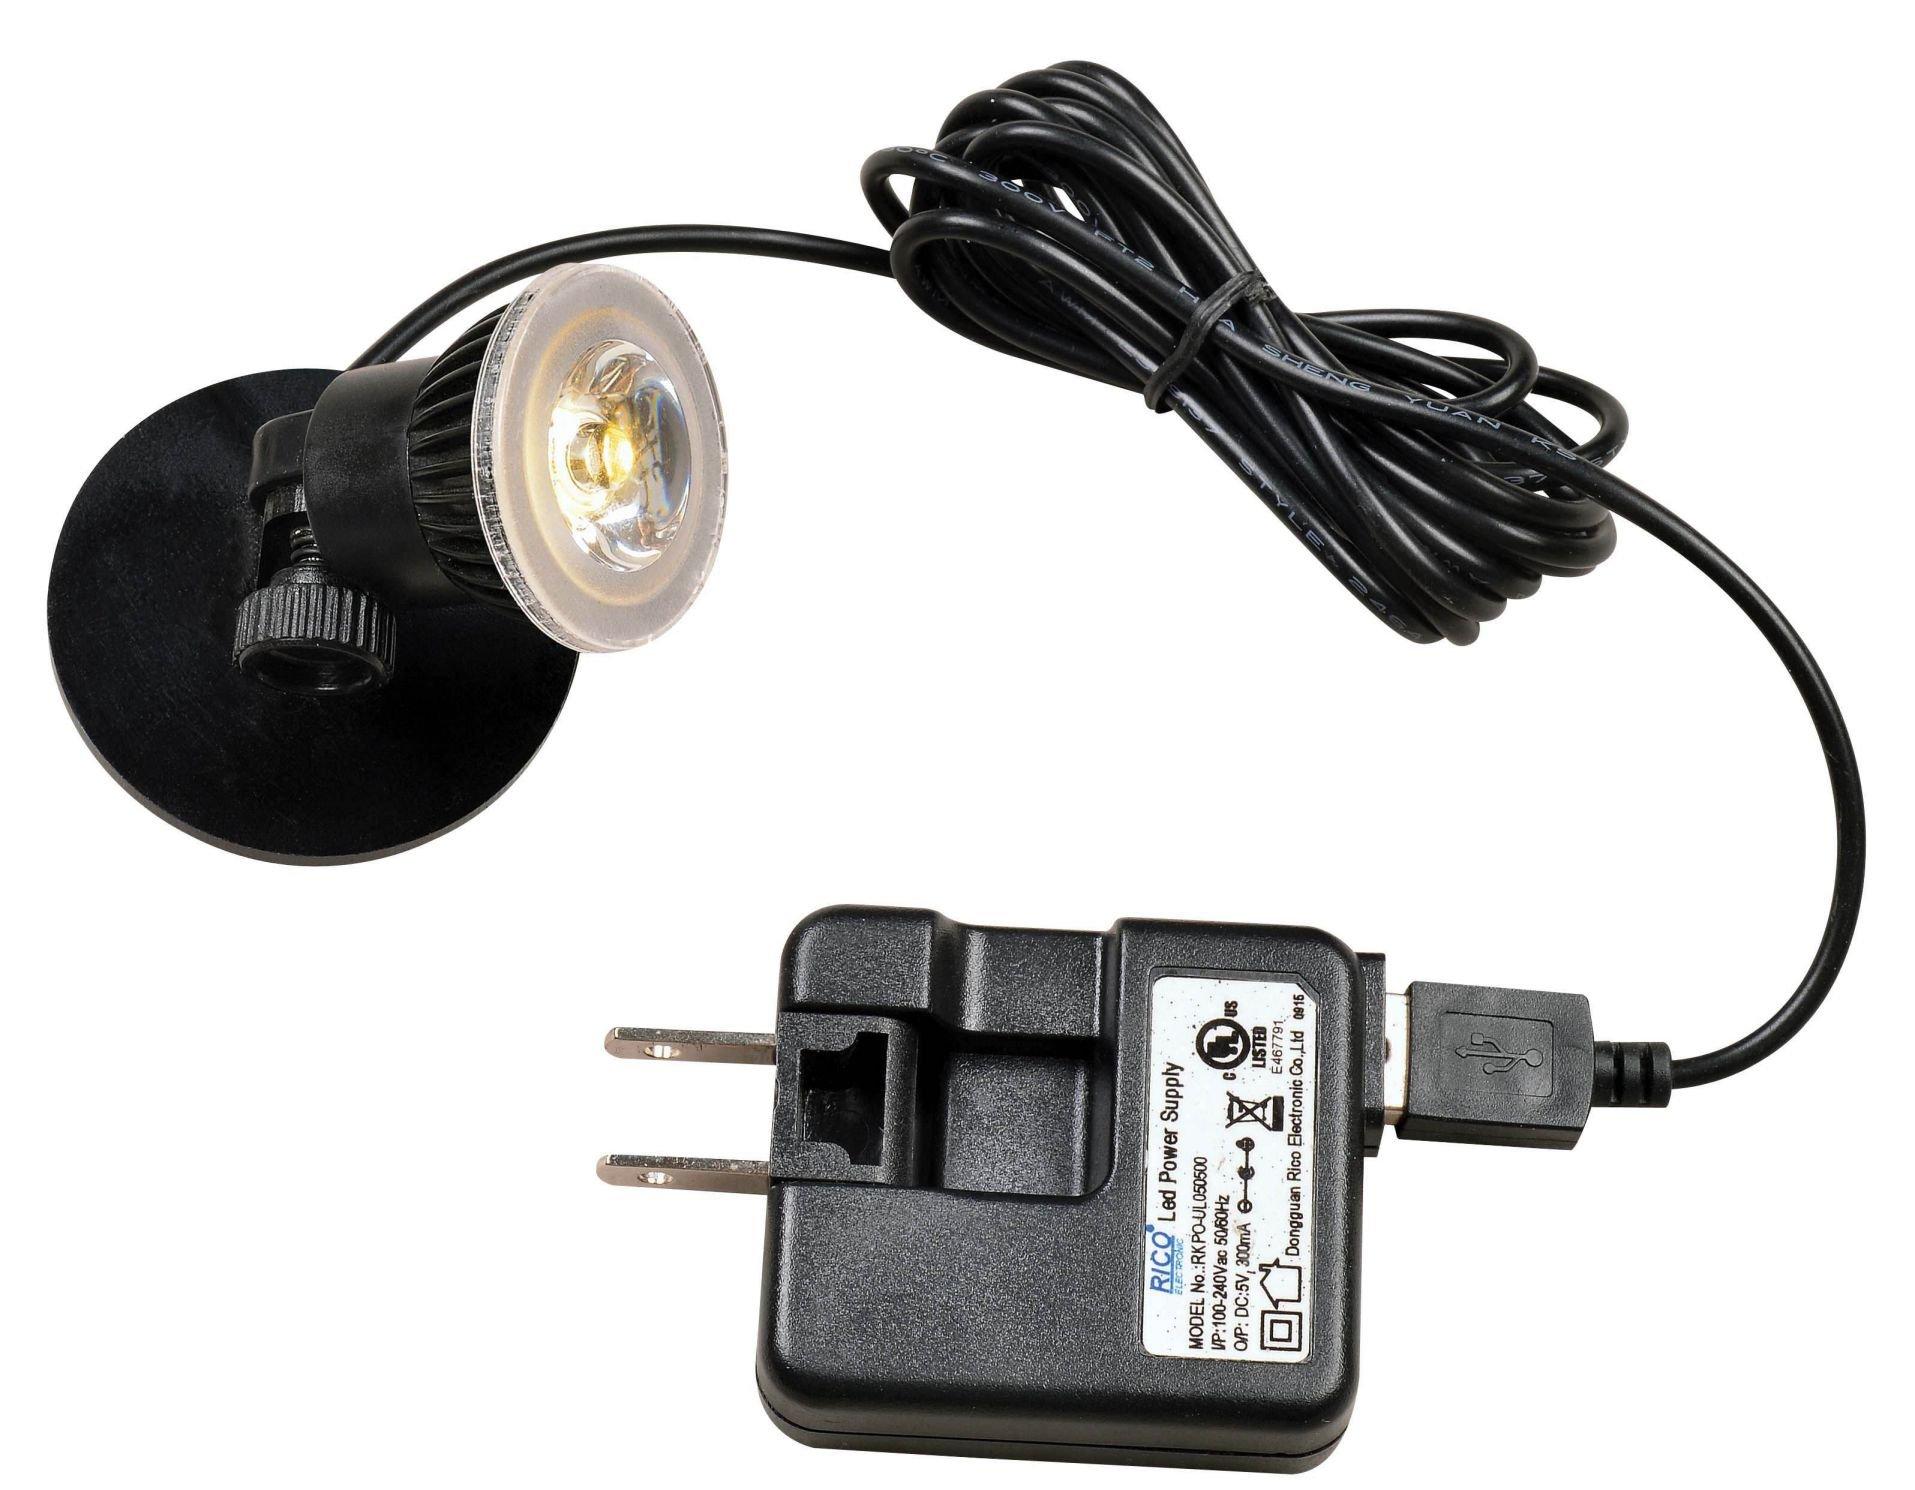 Kenroy Home Micro LED Spot Light 2-Pack Black